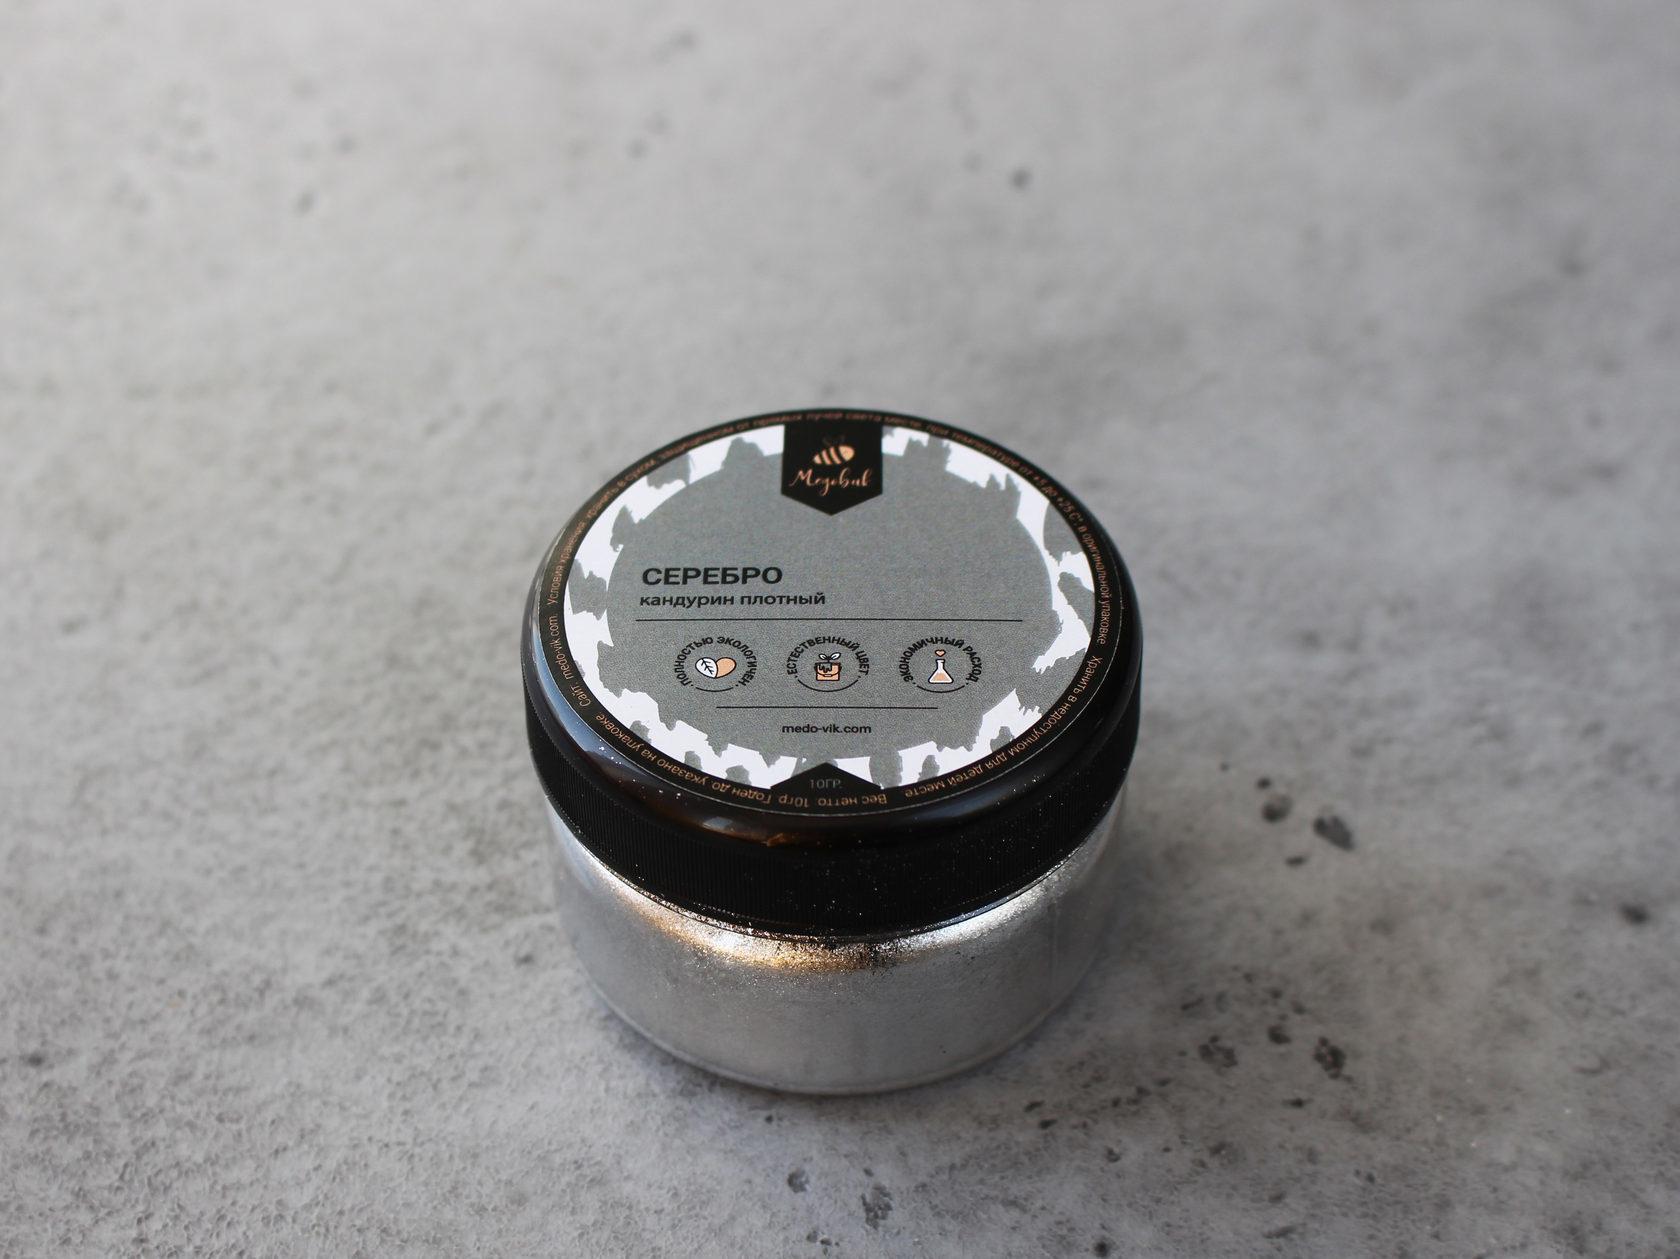 Кандурин плотный «Серебро», 10 гр